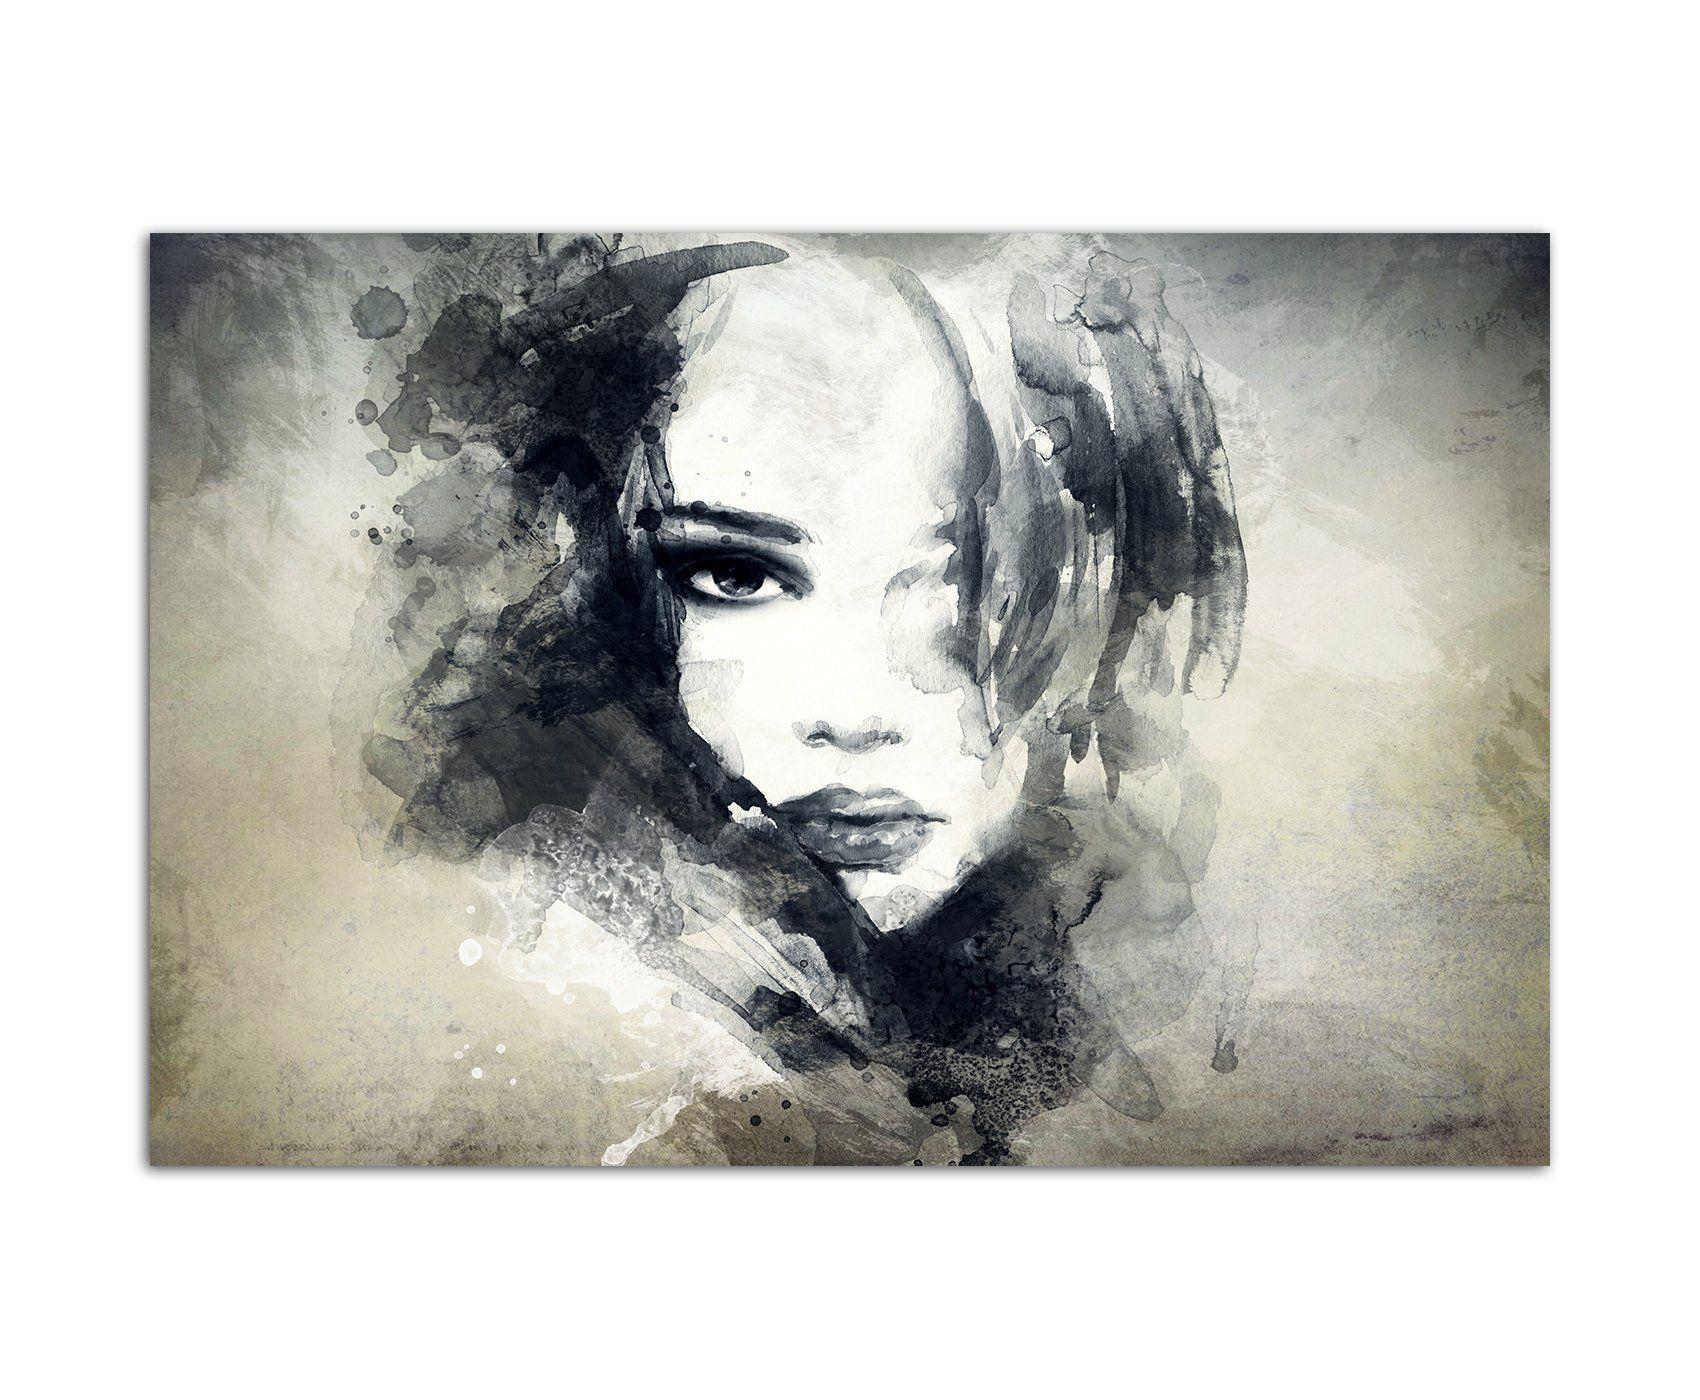 120x80cm - WANDBILD Handmalerei Gesicht Frau Mädchen abstrakt ...